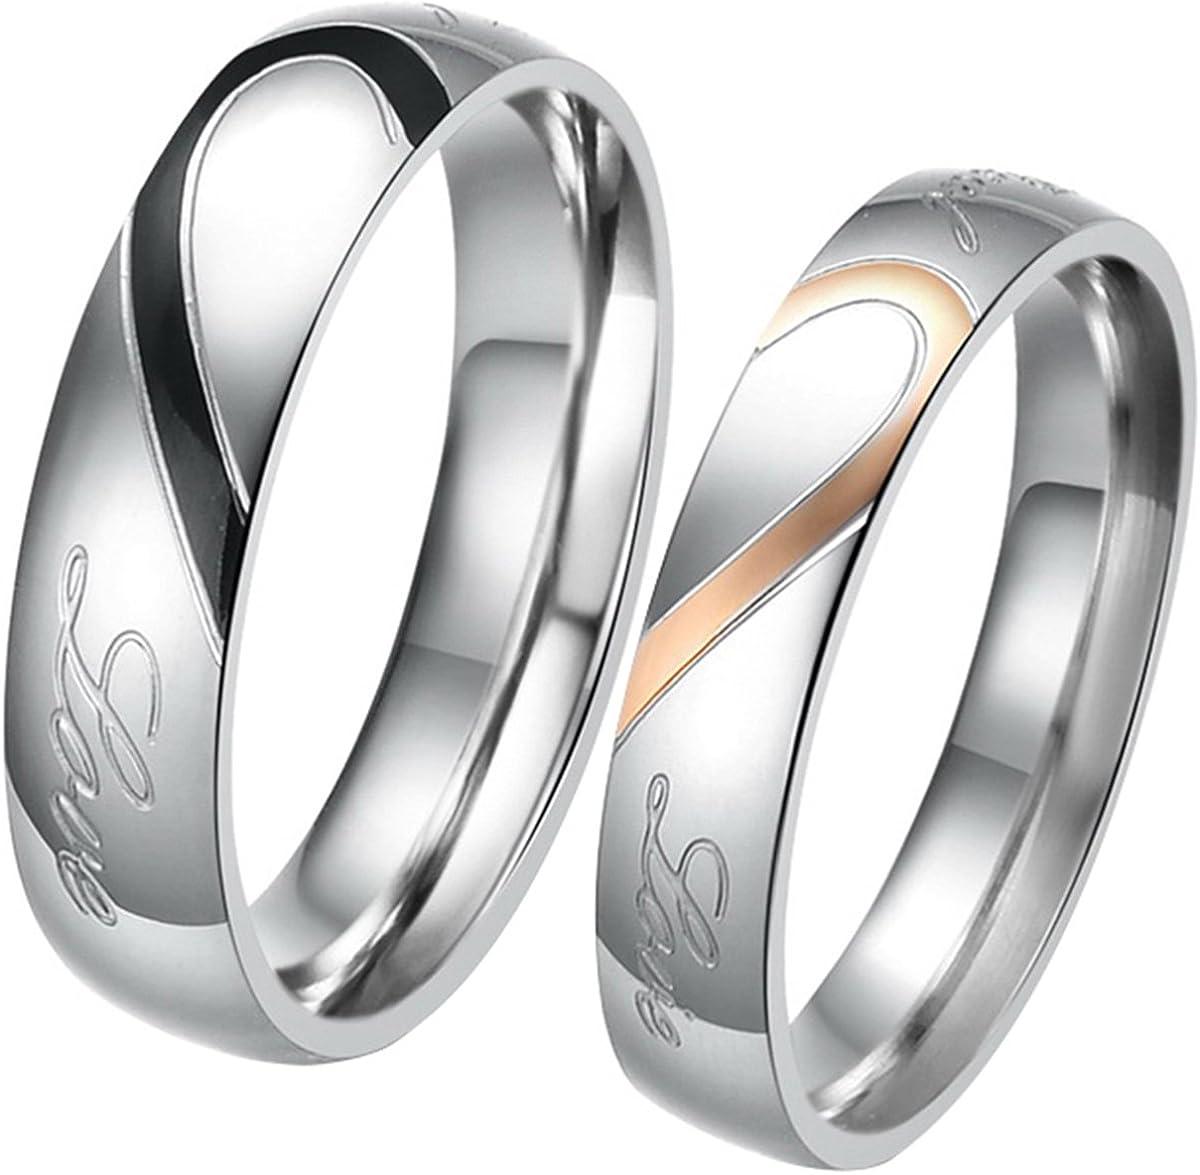 JewelryWe - Par de alianzas de Boda Originales Acero Inoxidable corazón. Dorado, Negro, Plateado. Incluye Bolsa de Regalo